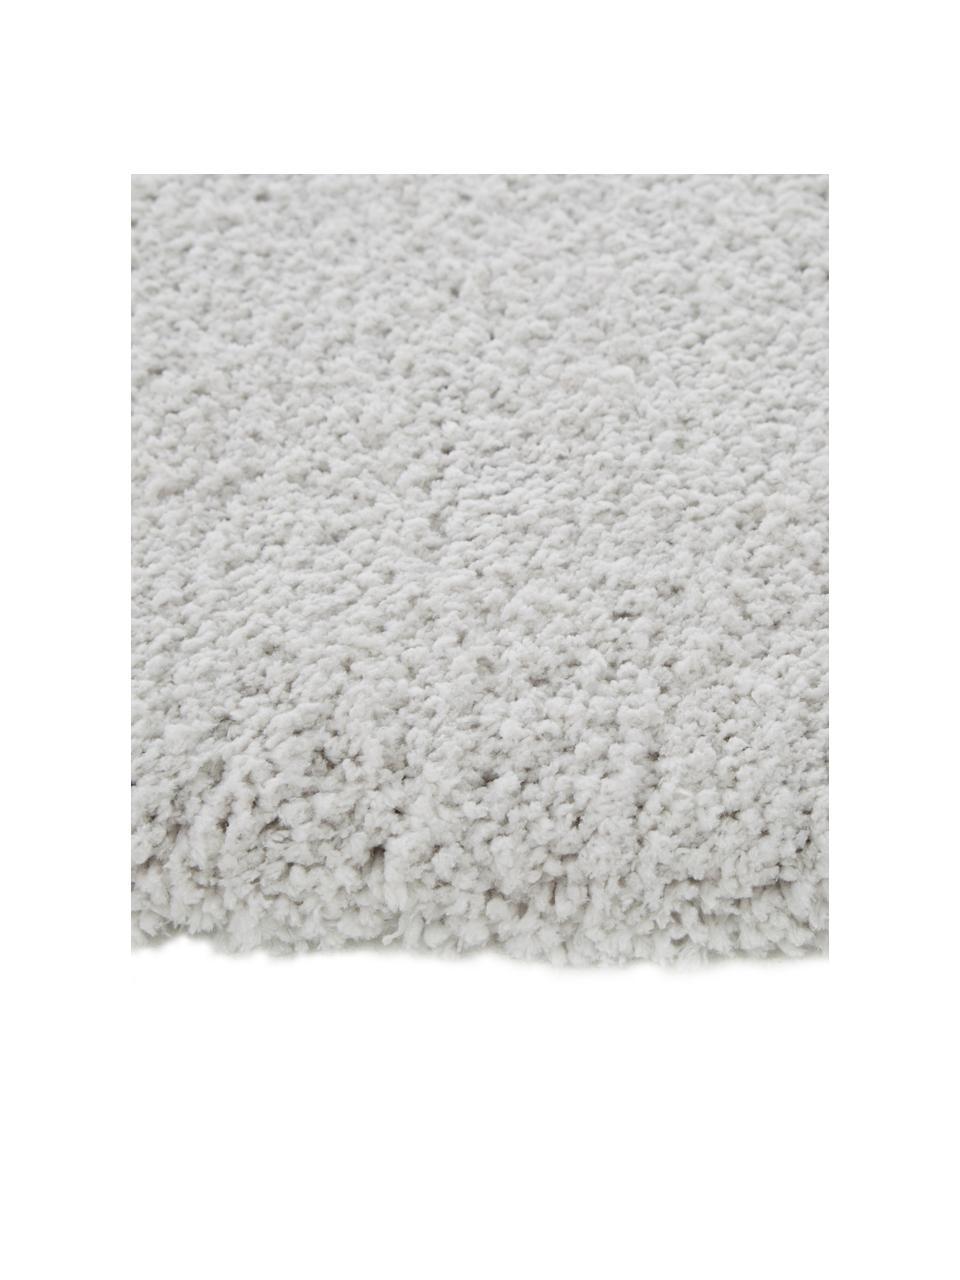 Flauschiger runder Hochflor-Teppich Leighton in Hellgrau, Flor: Mikrofaser (100% Polyeste, Hellgrau, Ø 200 cm (Größe L)